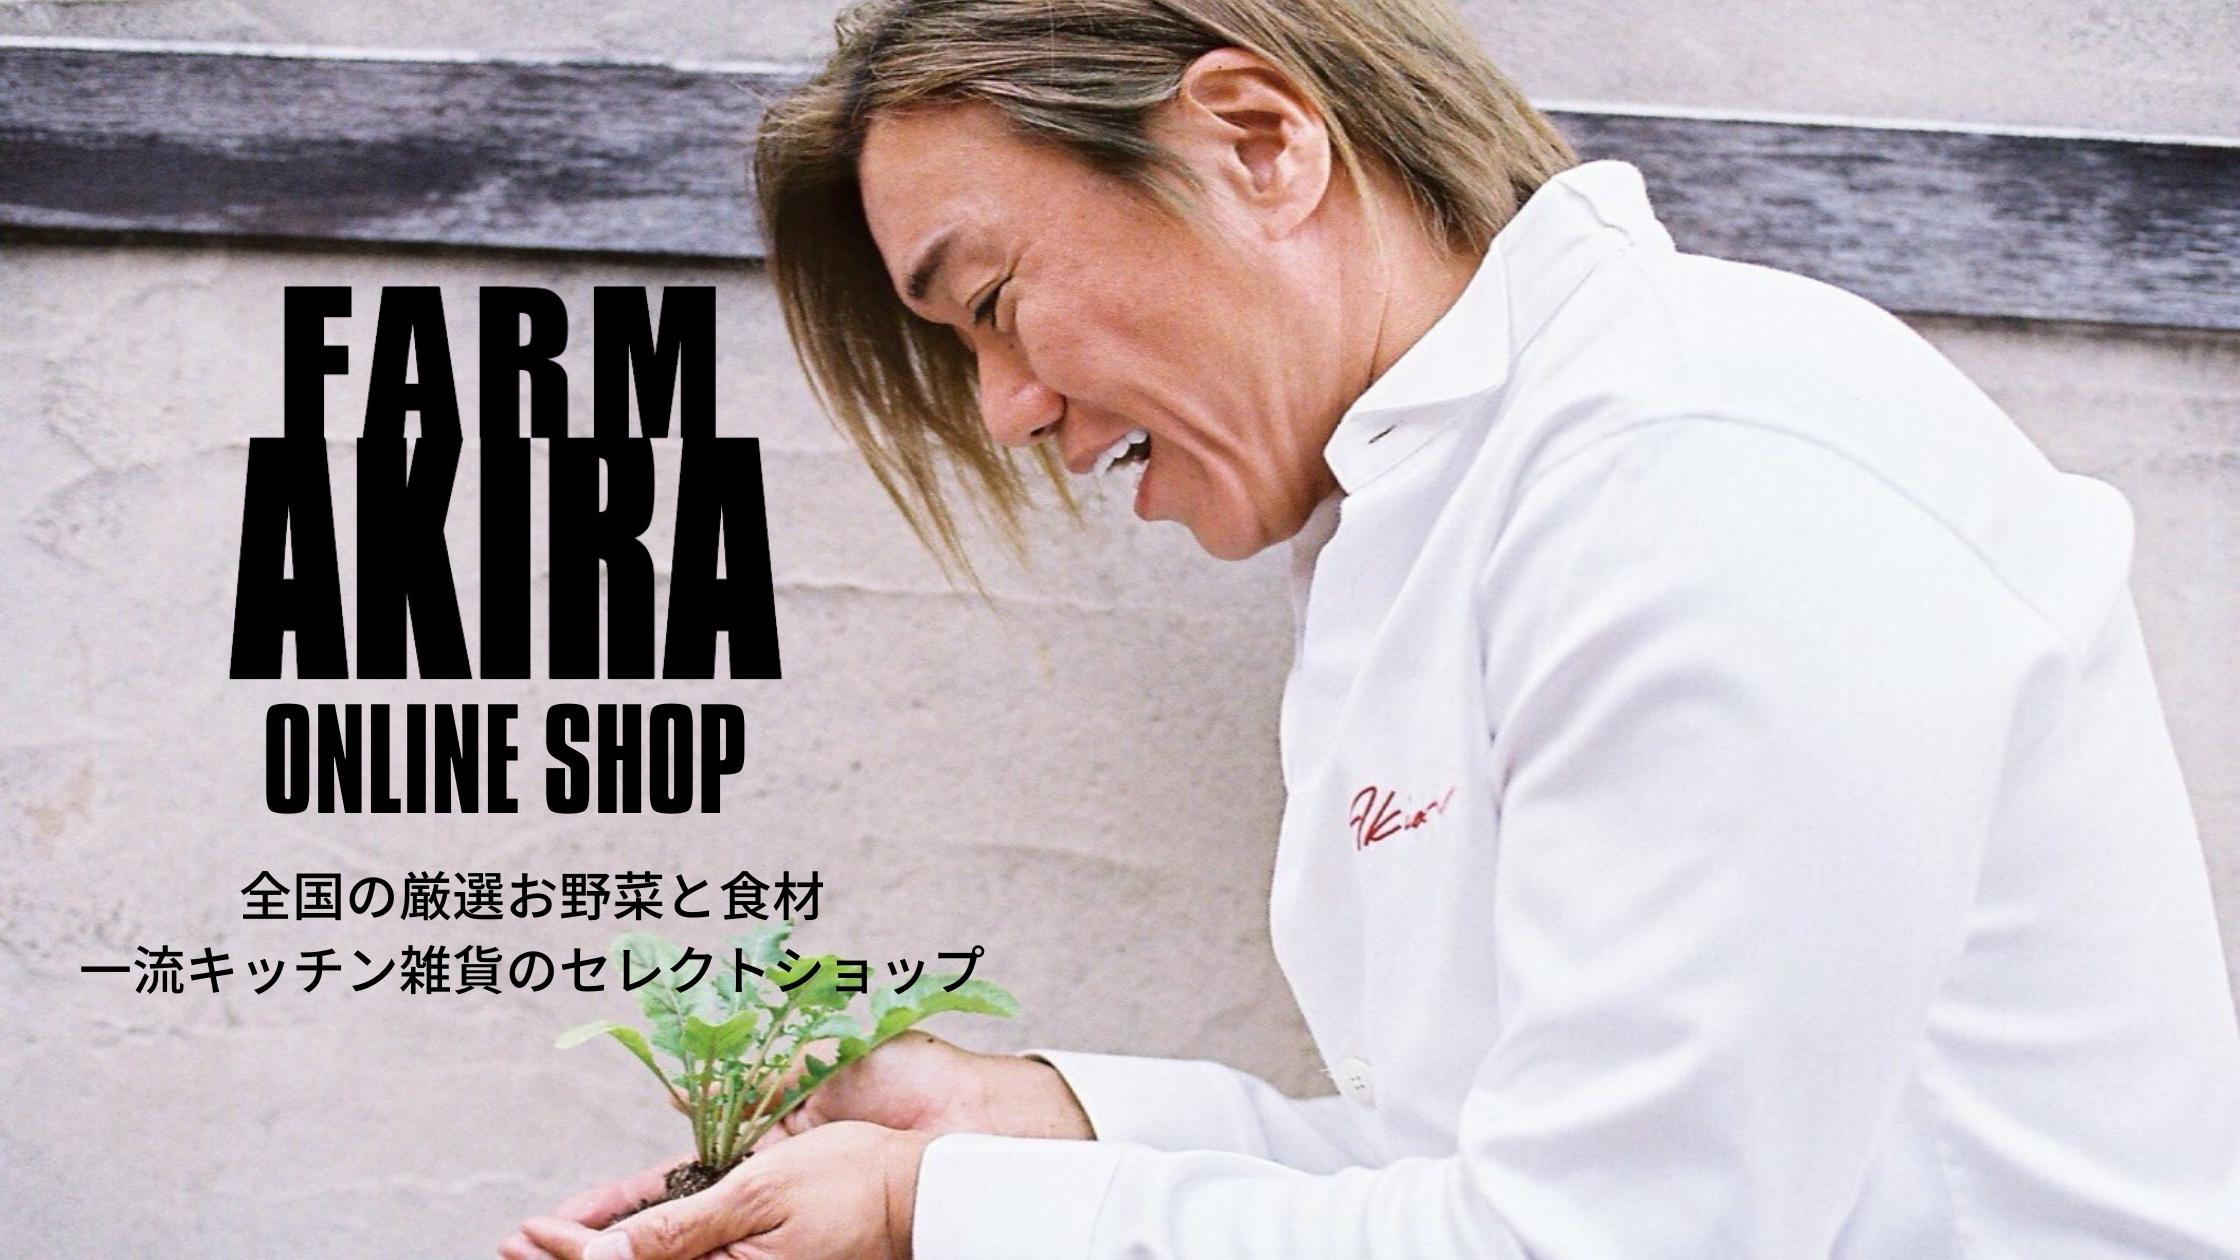 FARM AKIRA ONLINE SHOP 畑から直接届くお野菜とキッチン雑貨のネット通販サイト